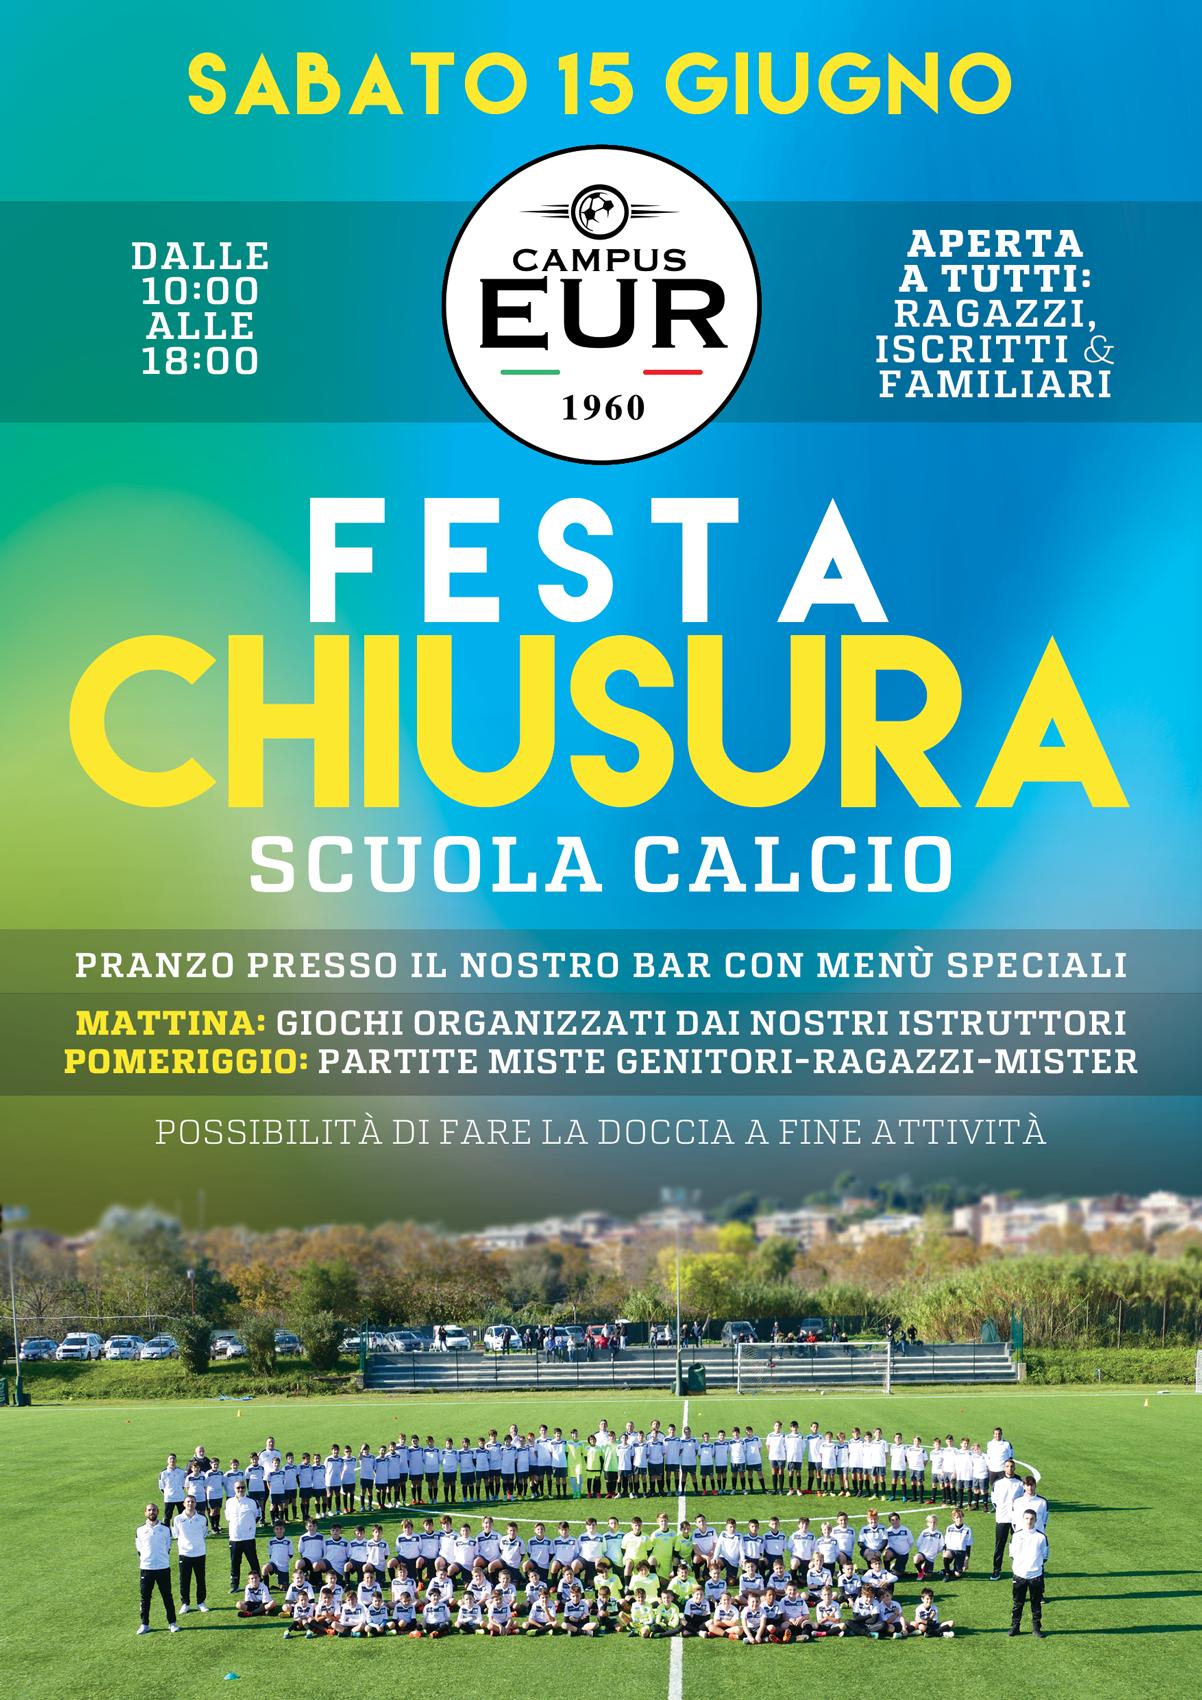 Festa Chiusura Scuola Calcio